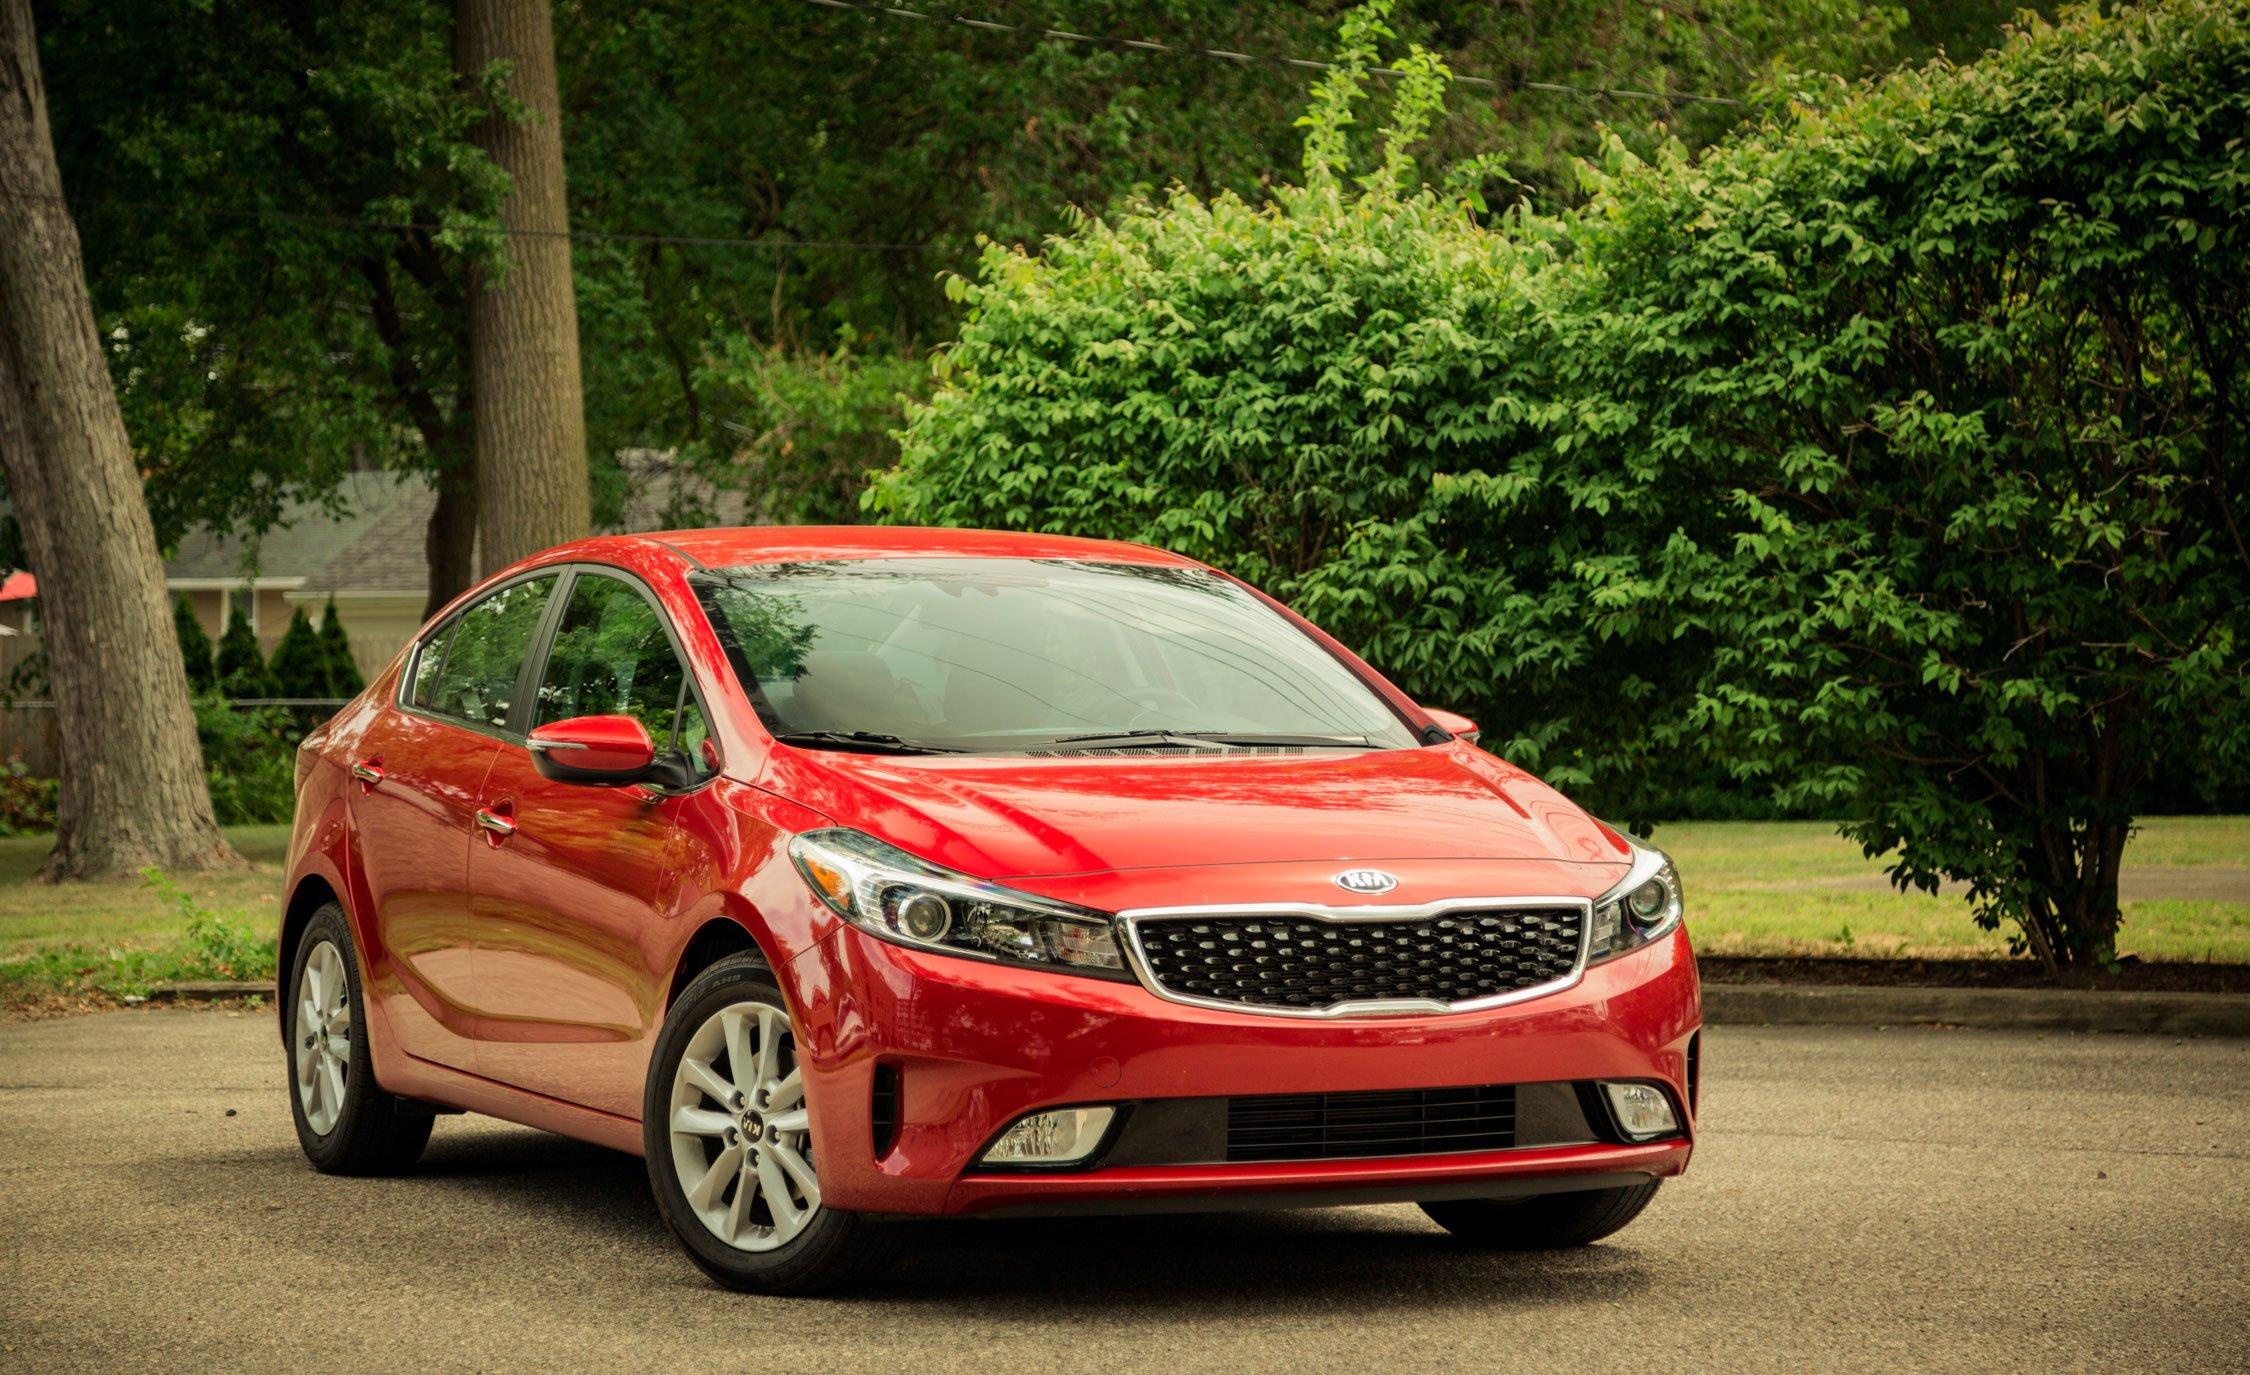 Калининградский «Автотор» выпустил 1,8-миллионный автомобиль